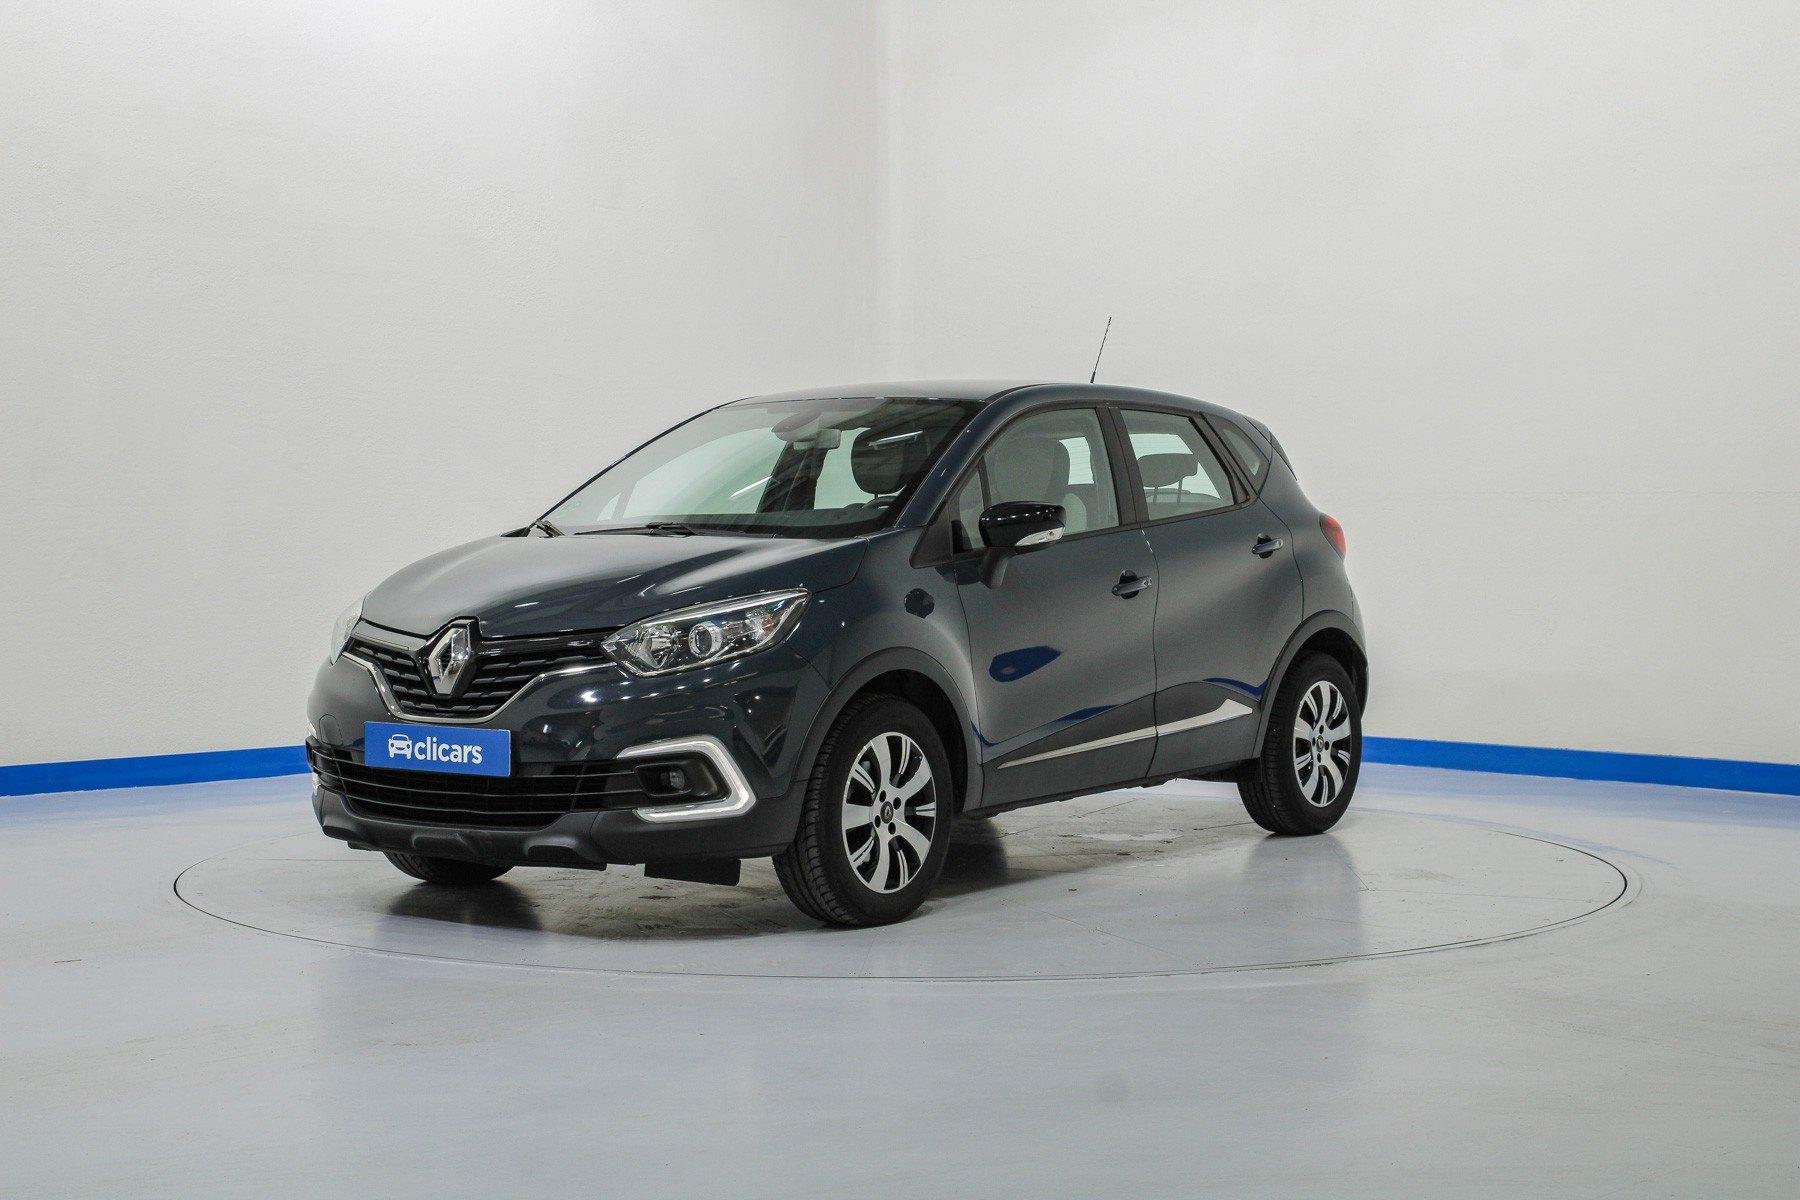 Renault Captur Diésel Intens Energy dCi 66kW (90CV) -18 1